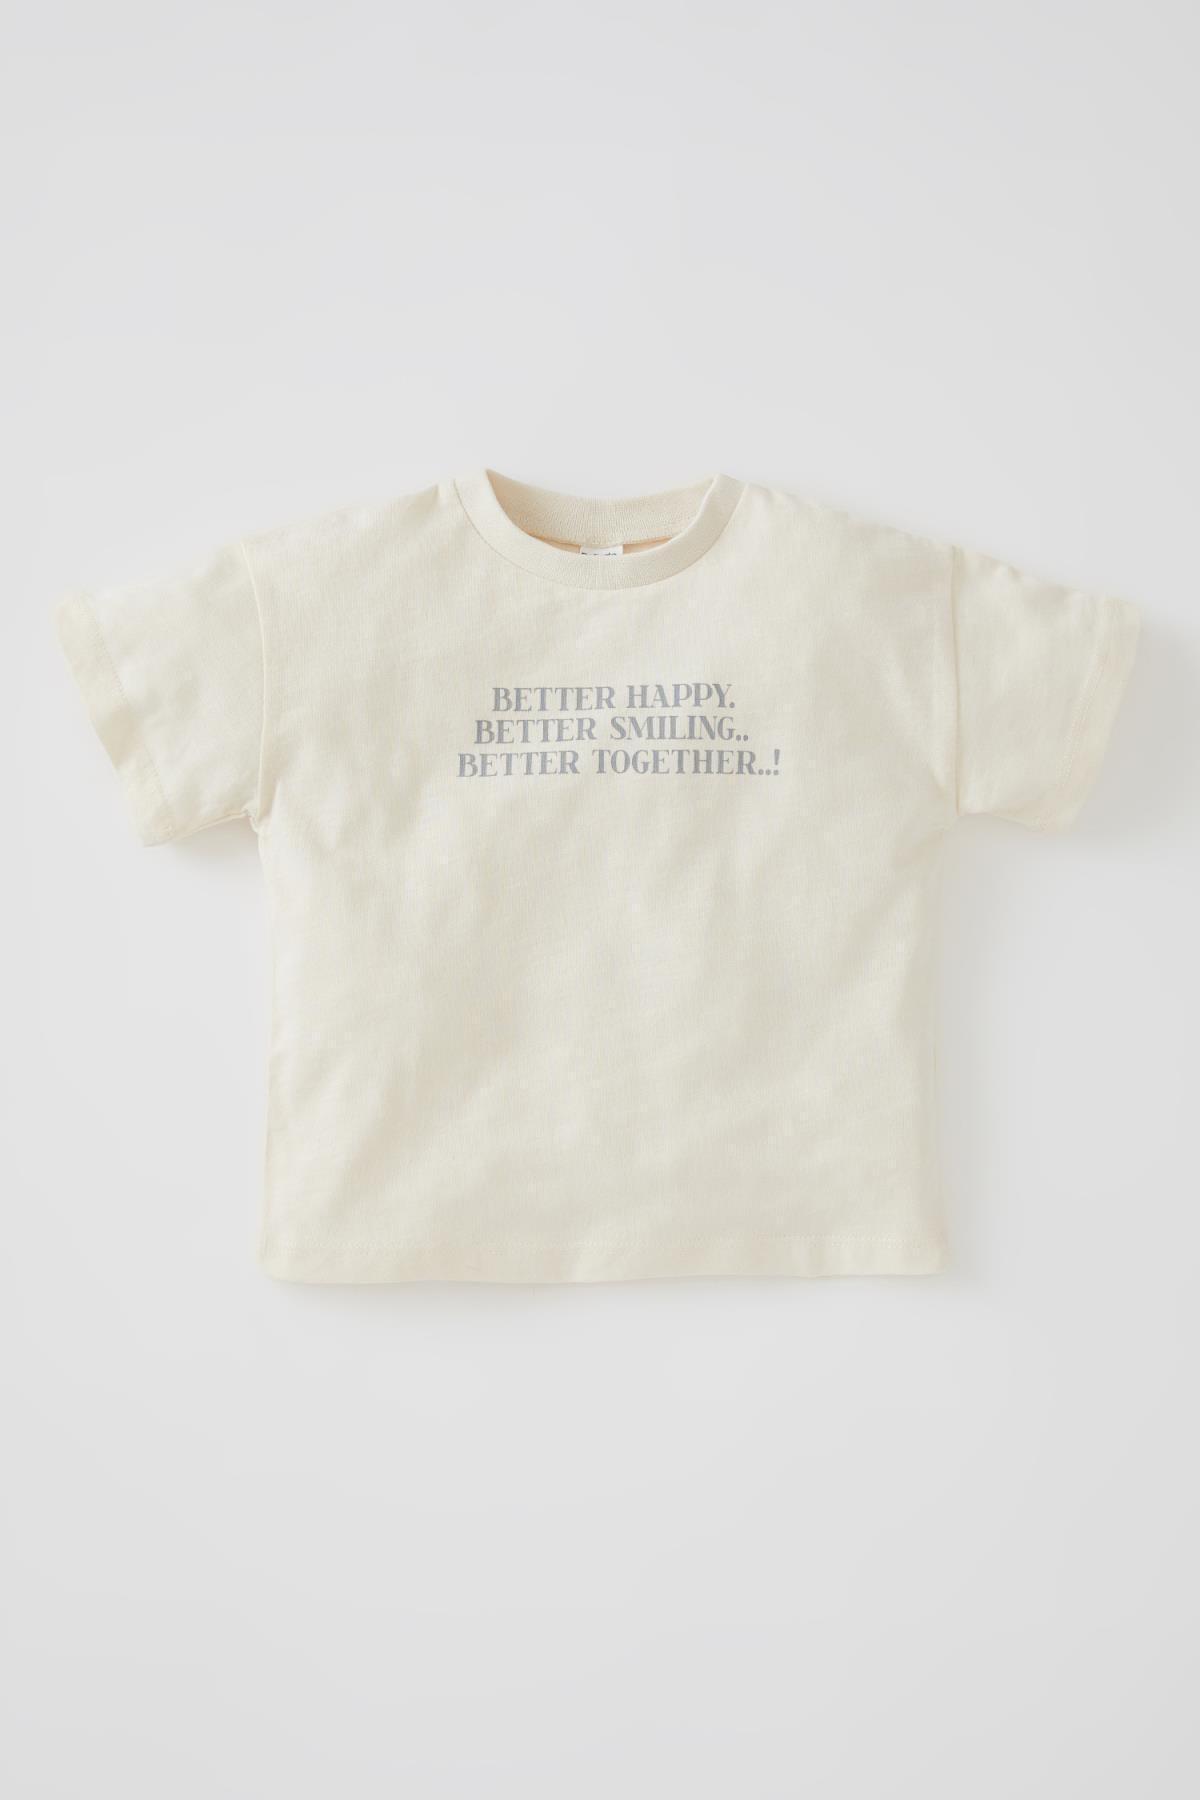 خرید اینترنتی تیشرت نوزاد پسرانه فانتزی برند دفاکتو ترک کد ty104352918